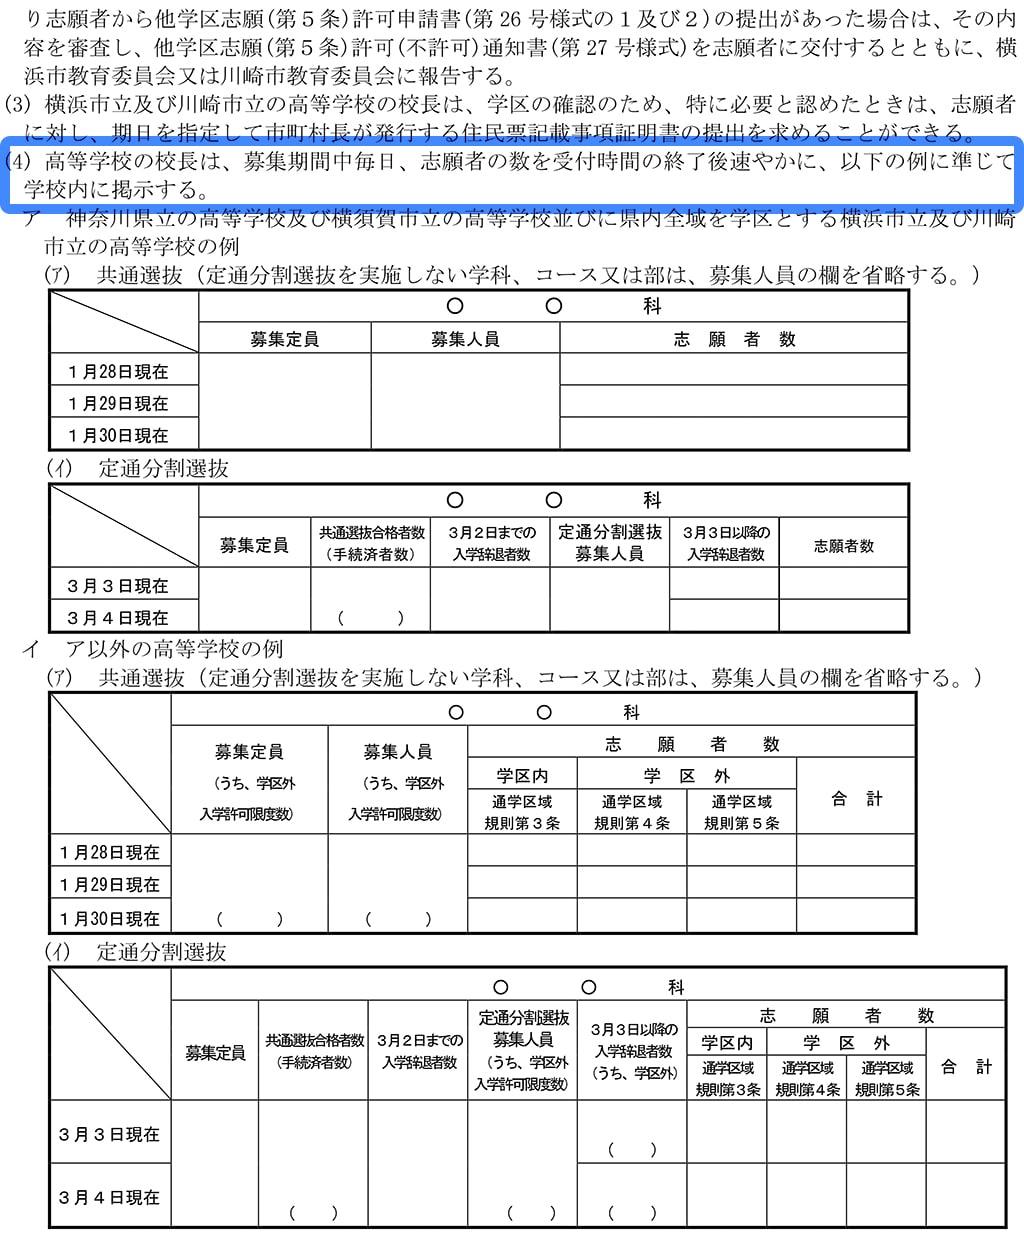 神奈川 公立 高校 倍率 2020